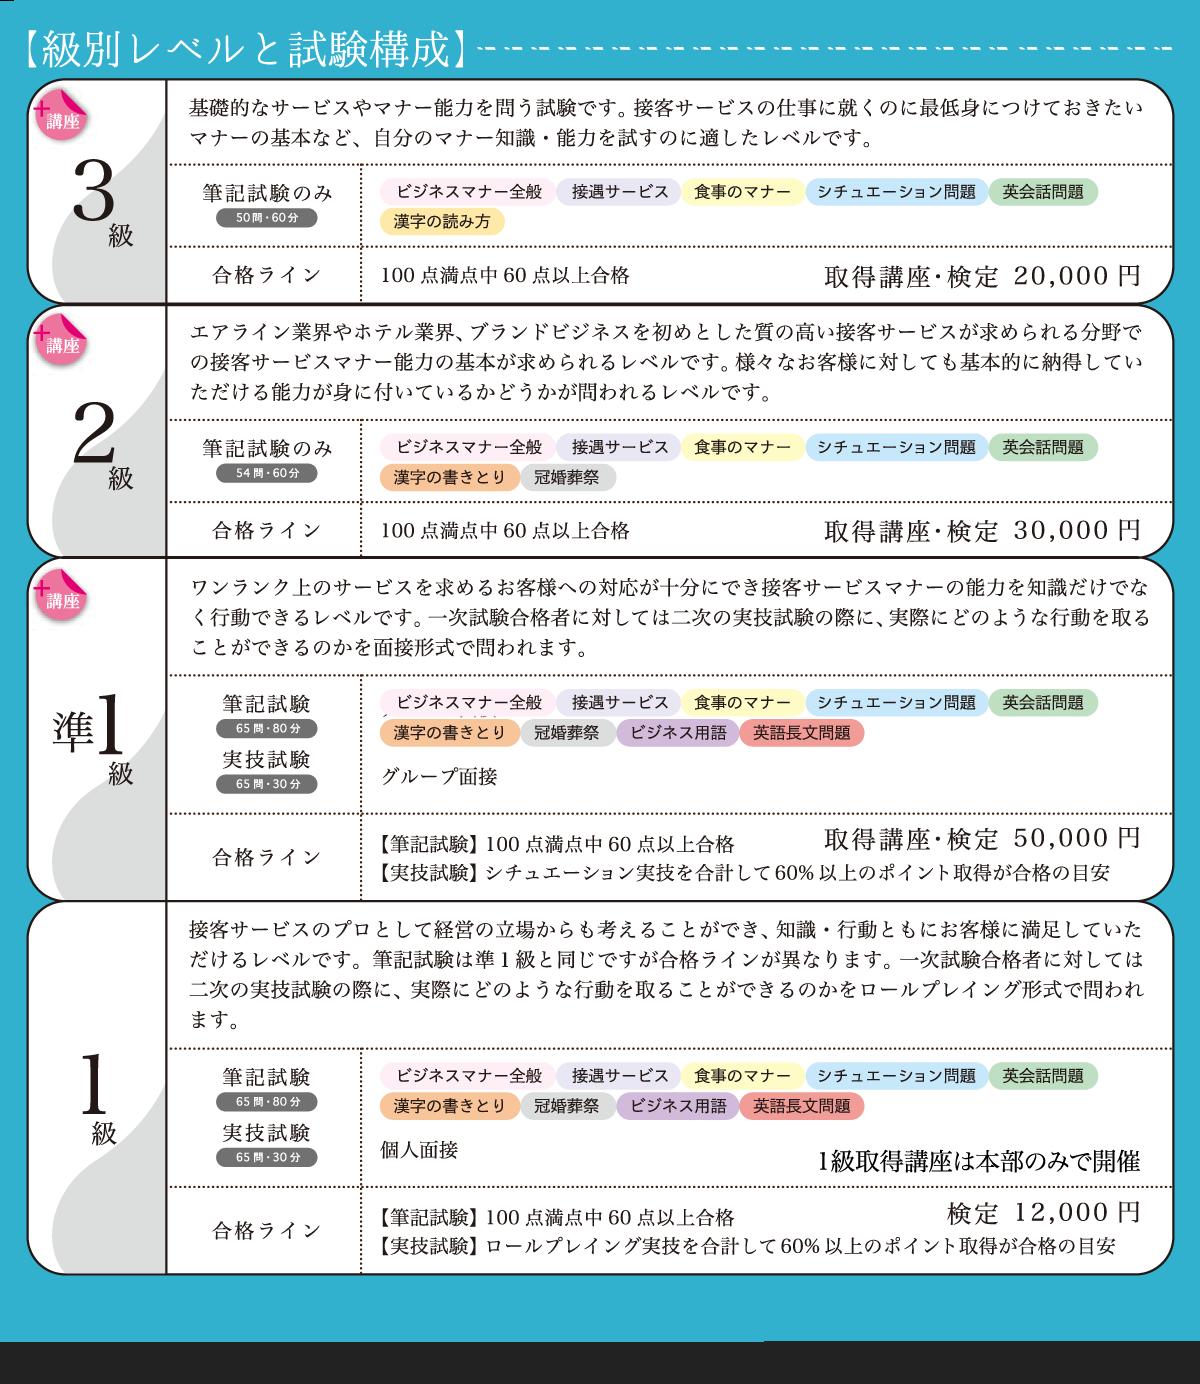 松山市人材事業補助金対象講座(法人・団体対象